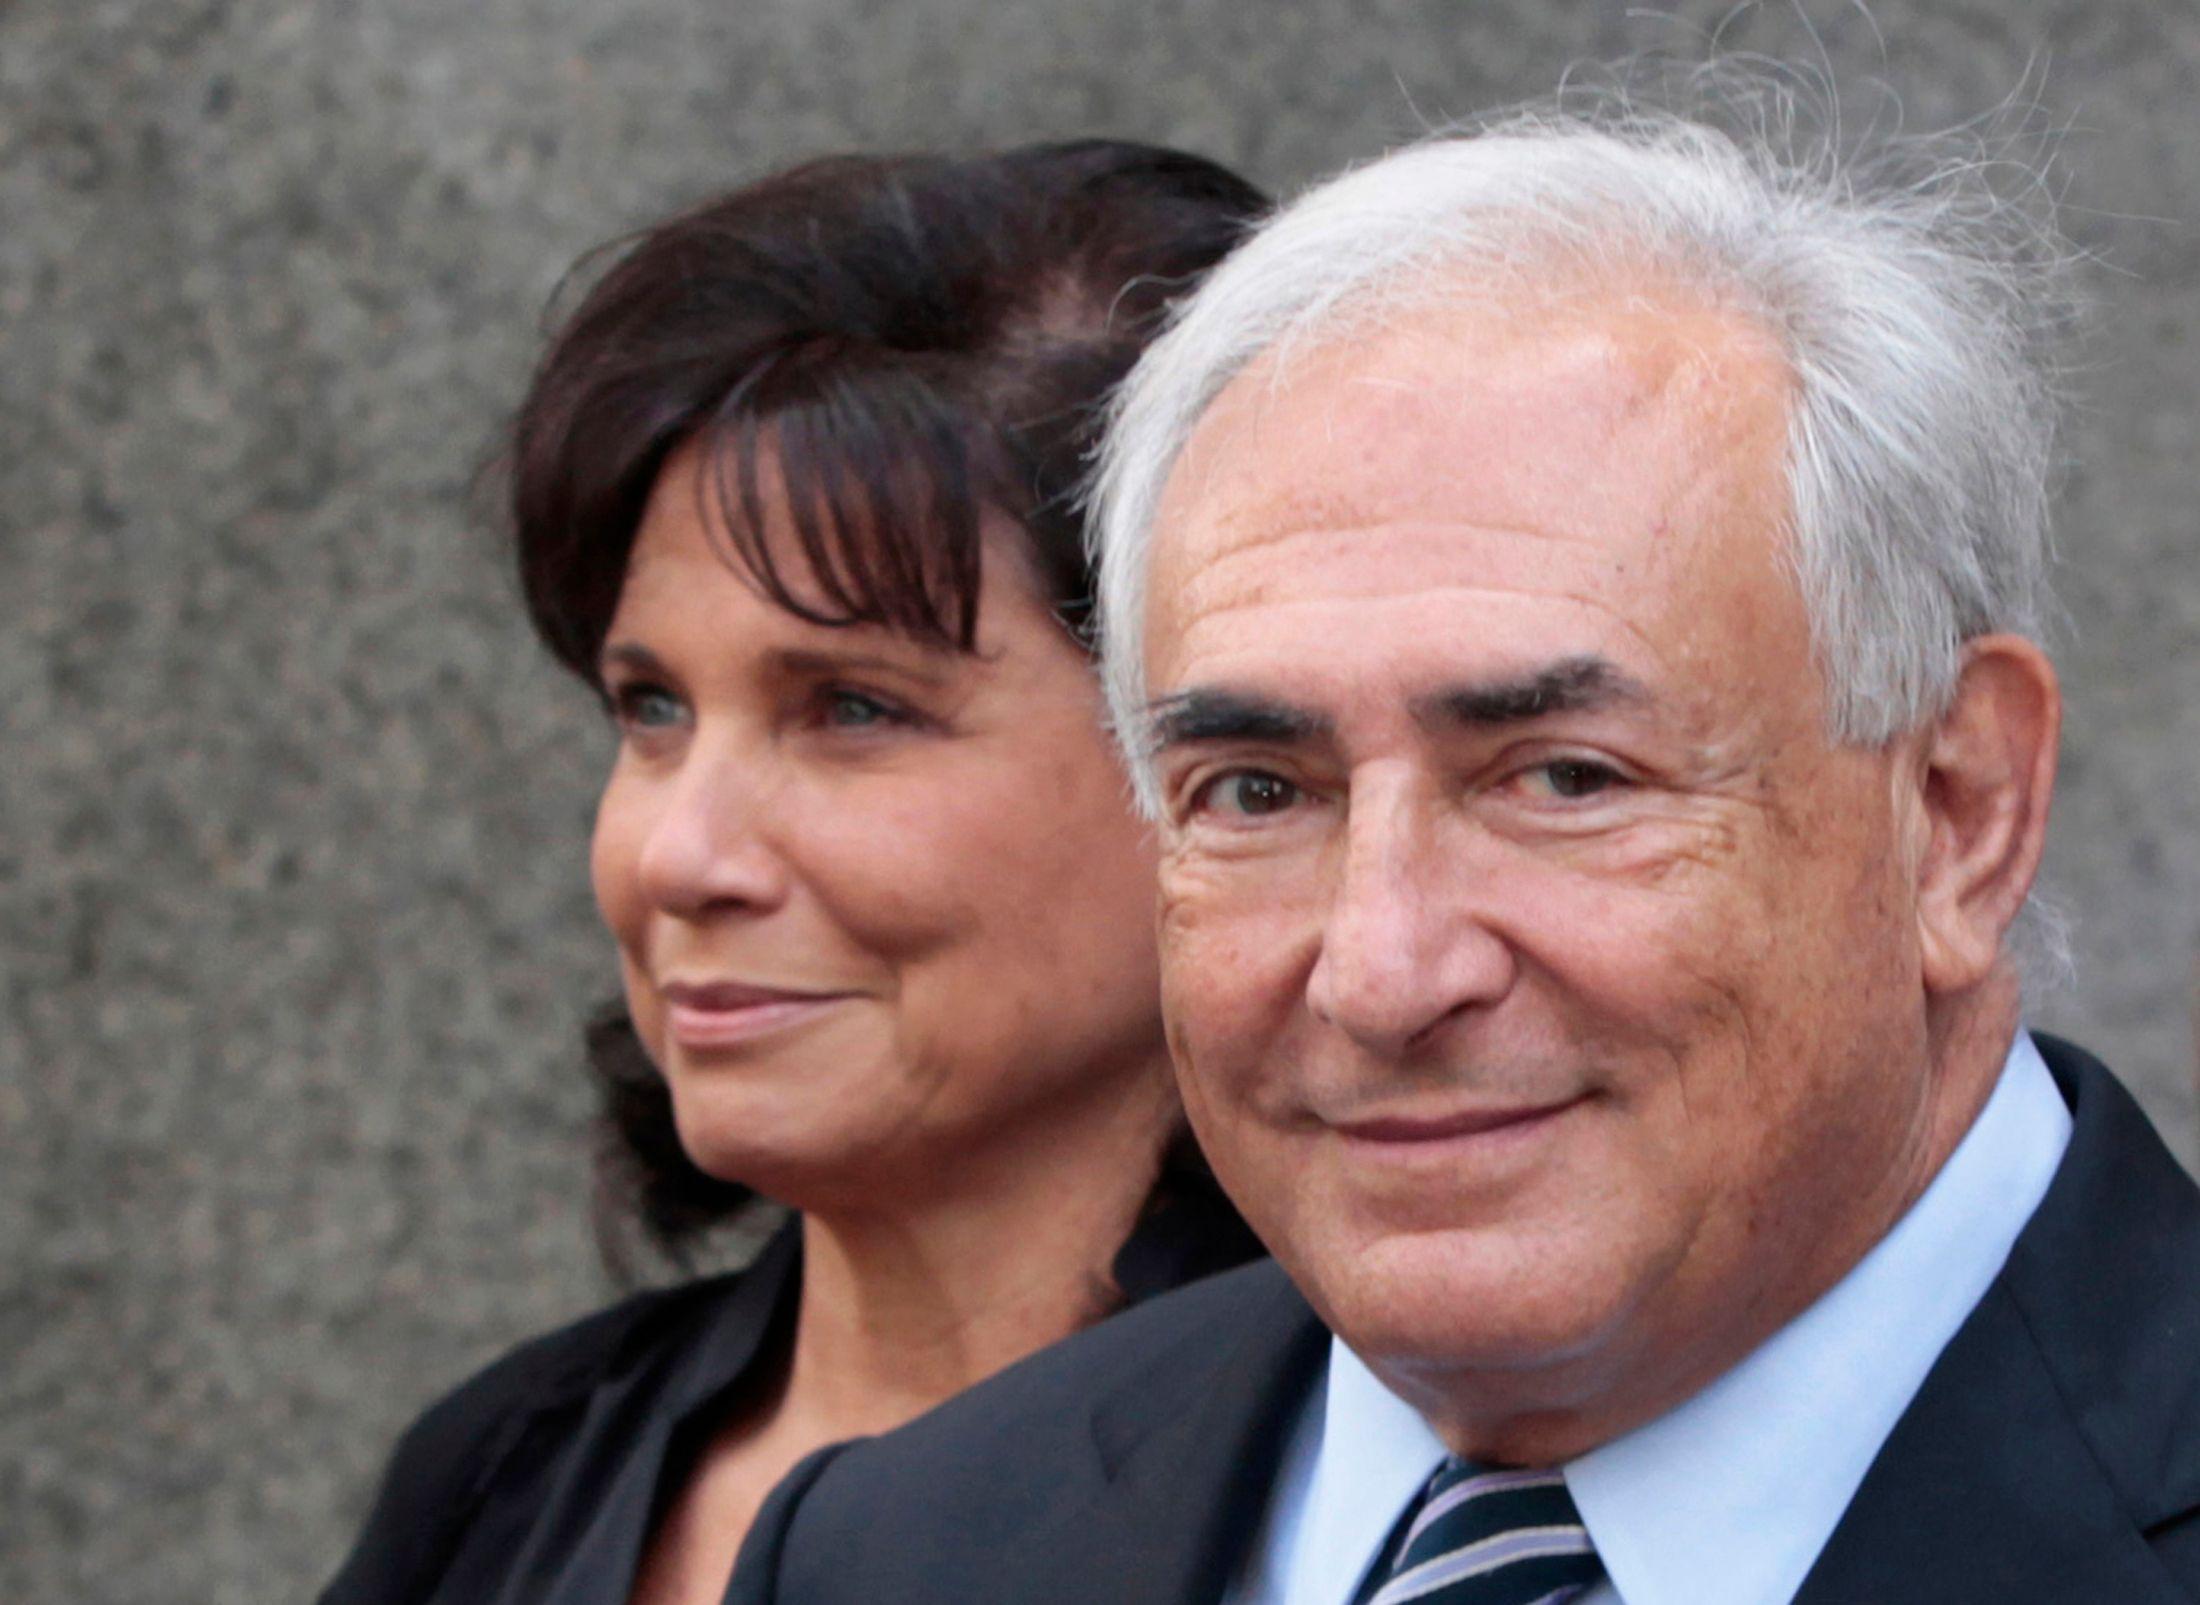 """Quand Anne Sinclair évoque les infidélités de DSK : """"Je ne savais rien, je faisais confiance"""""""